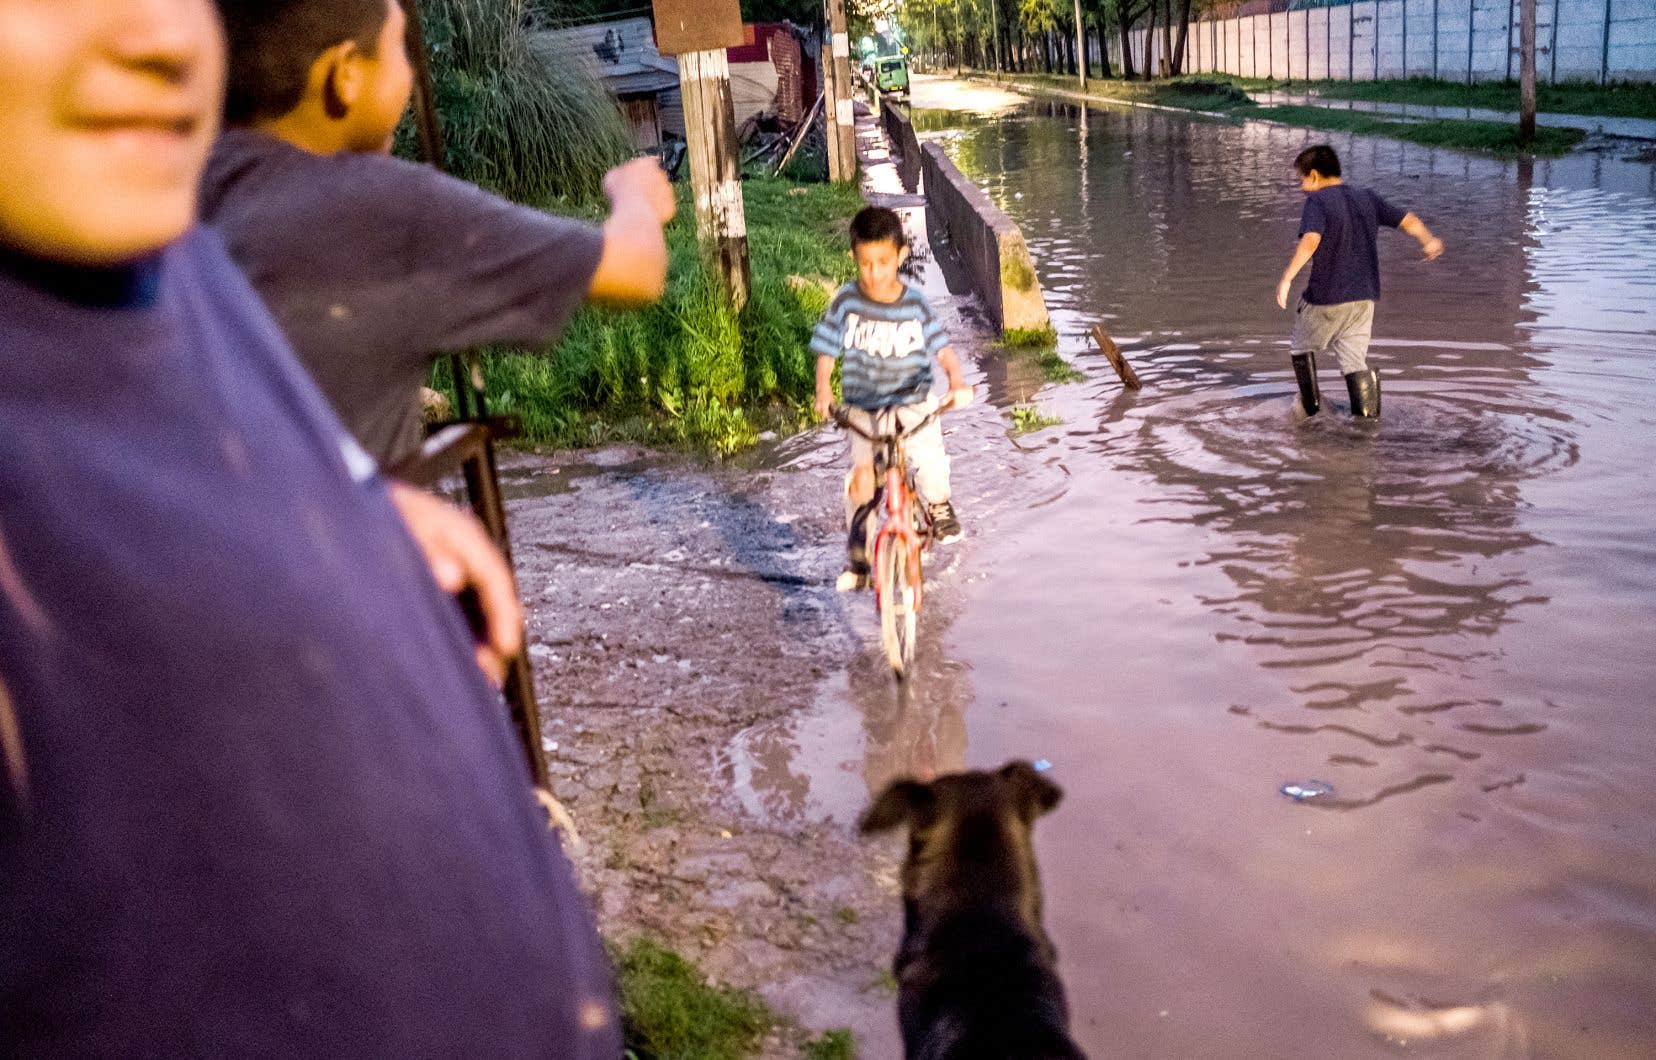 Des enfants jouent dans une rue emplie d'eau de Villa Inflamable.